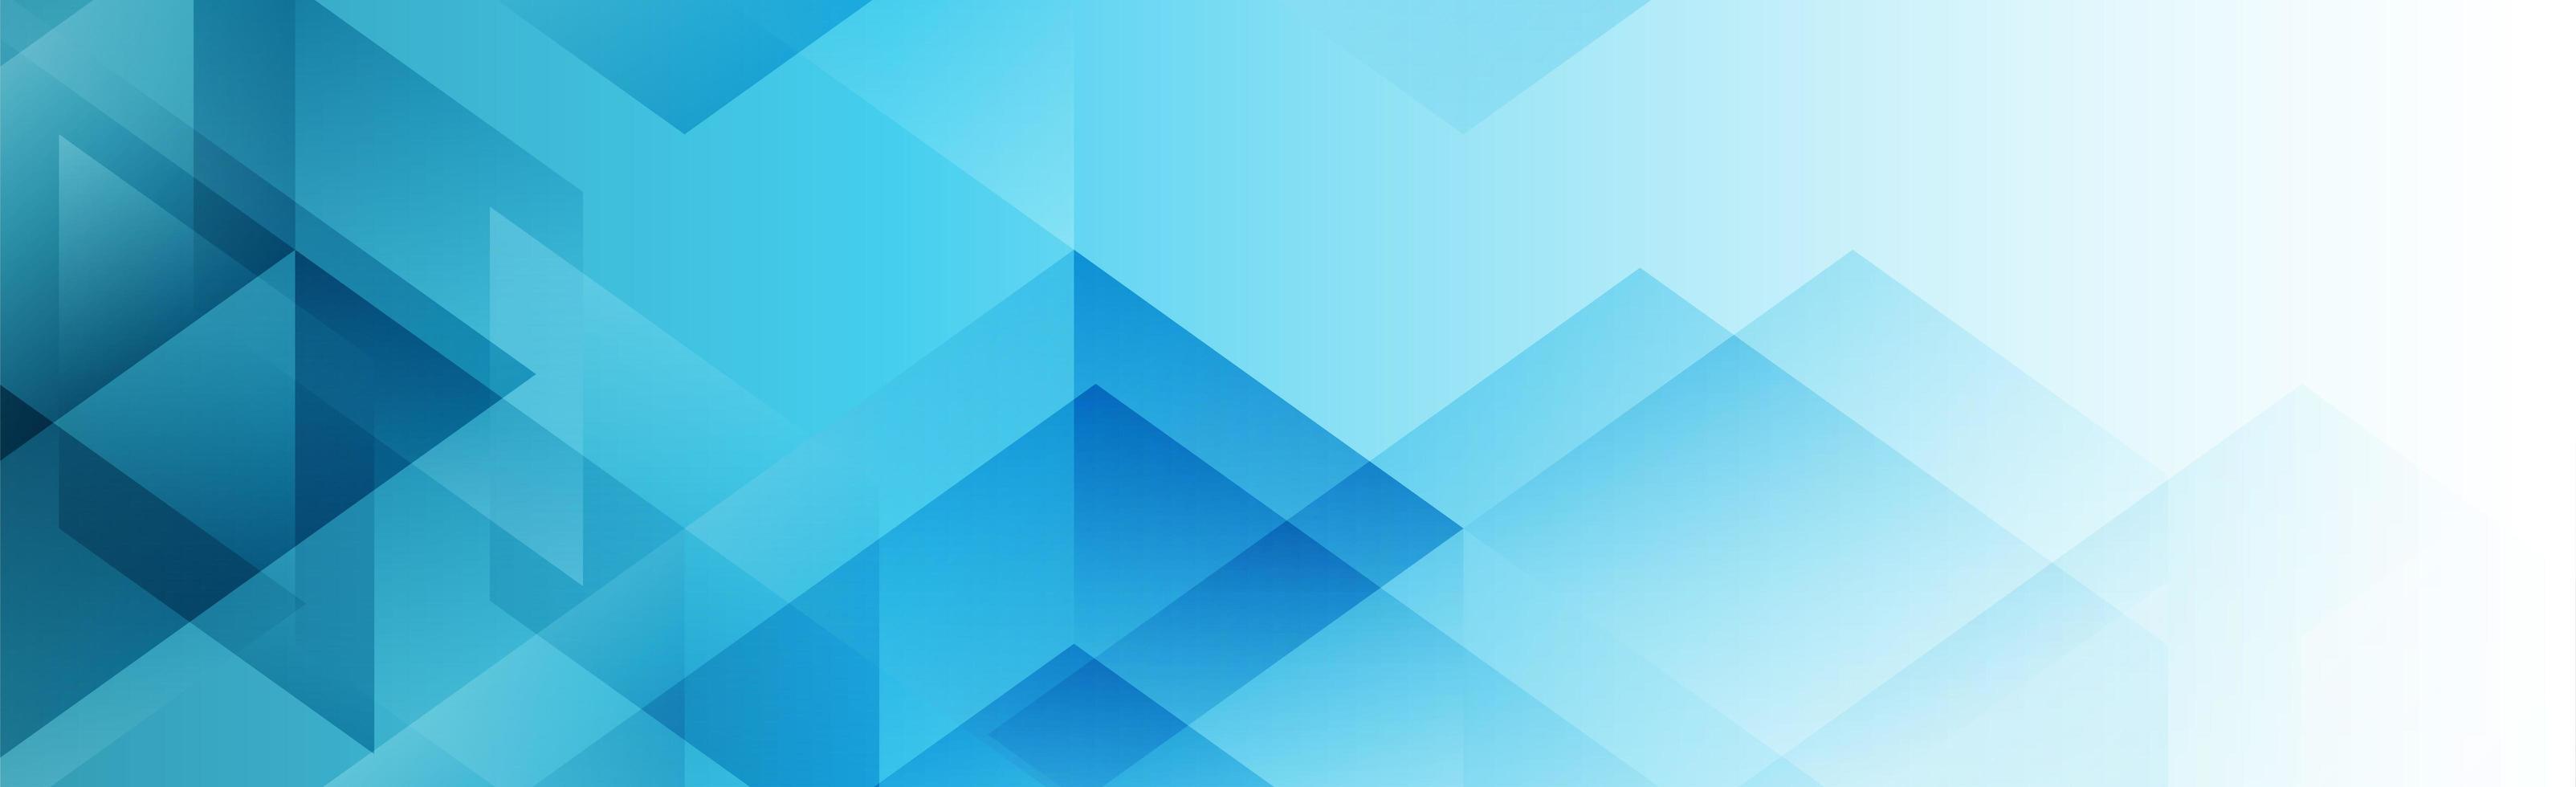 abstrakt polygonal banner bakgrund vektor